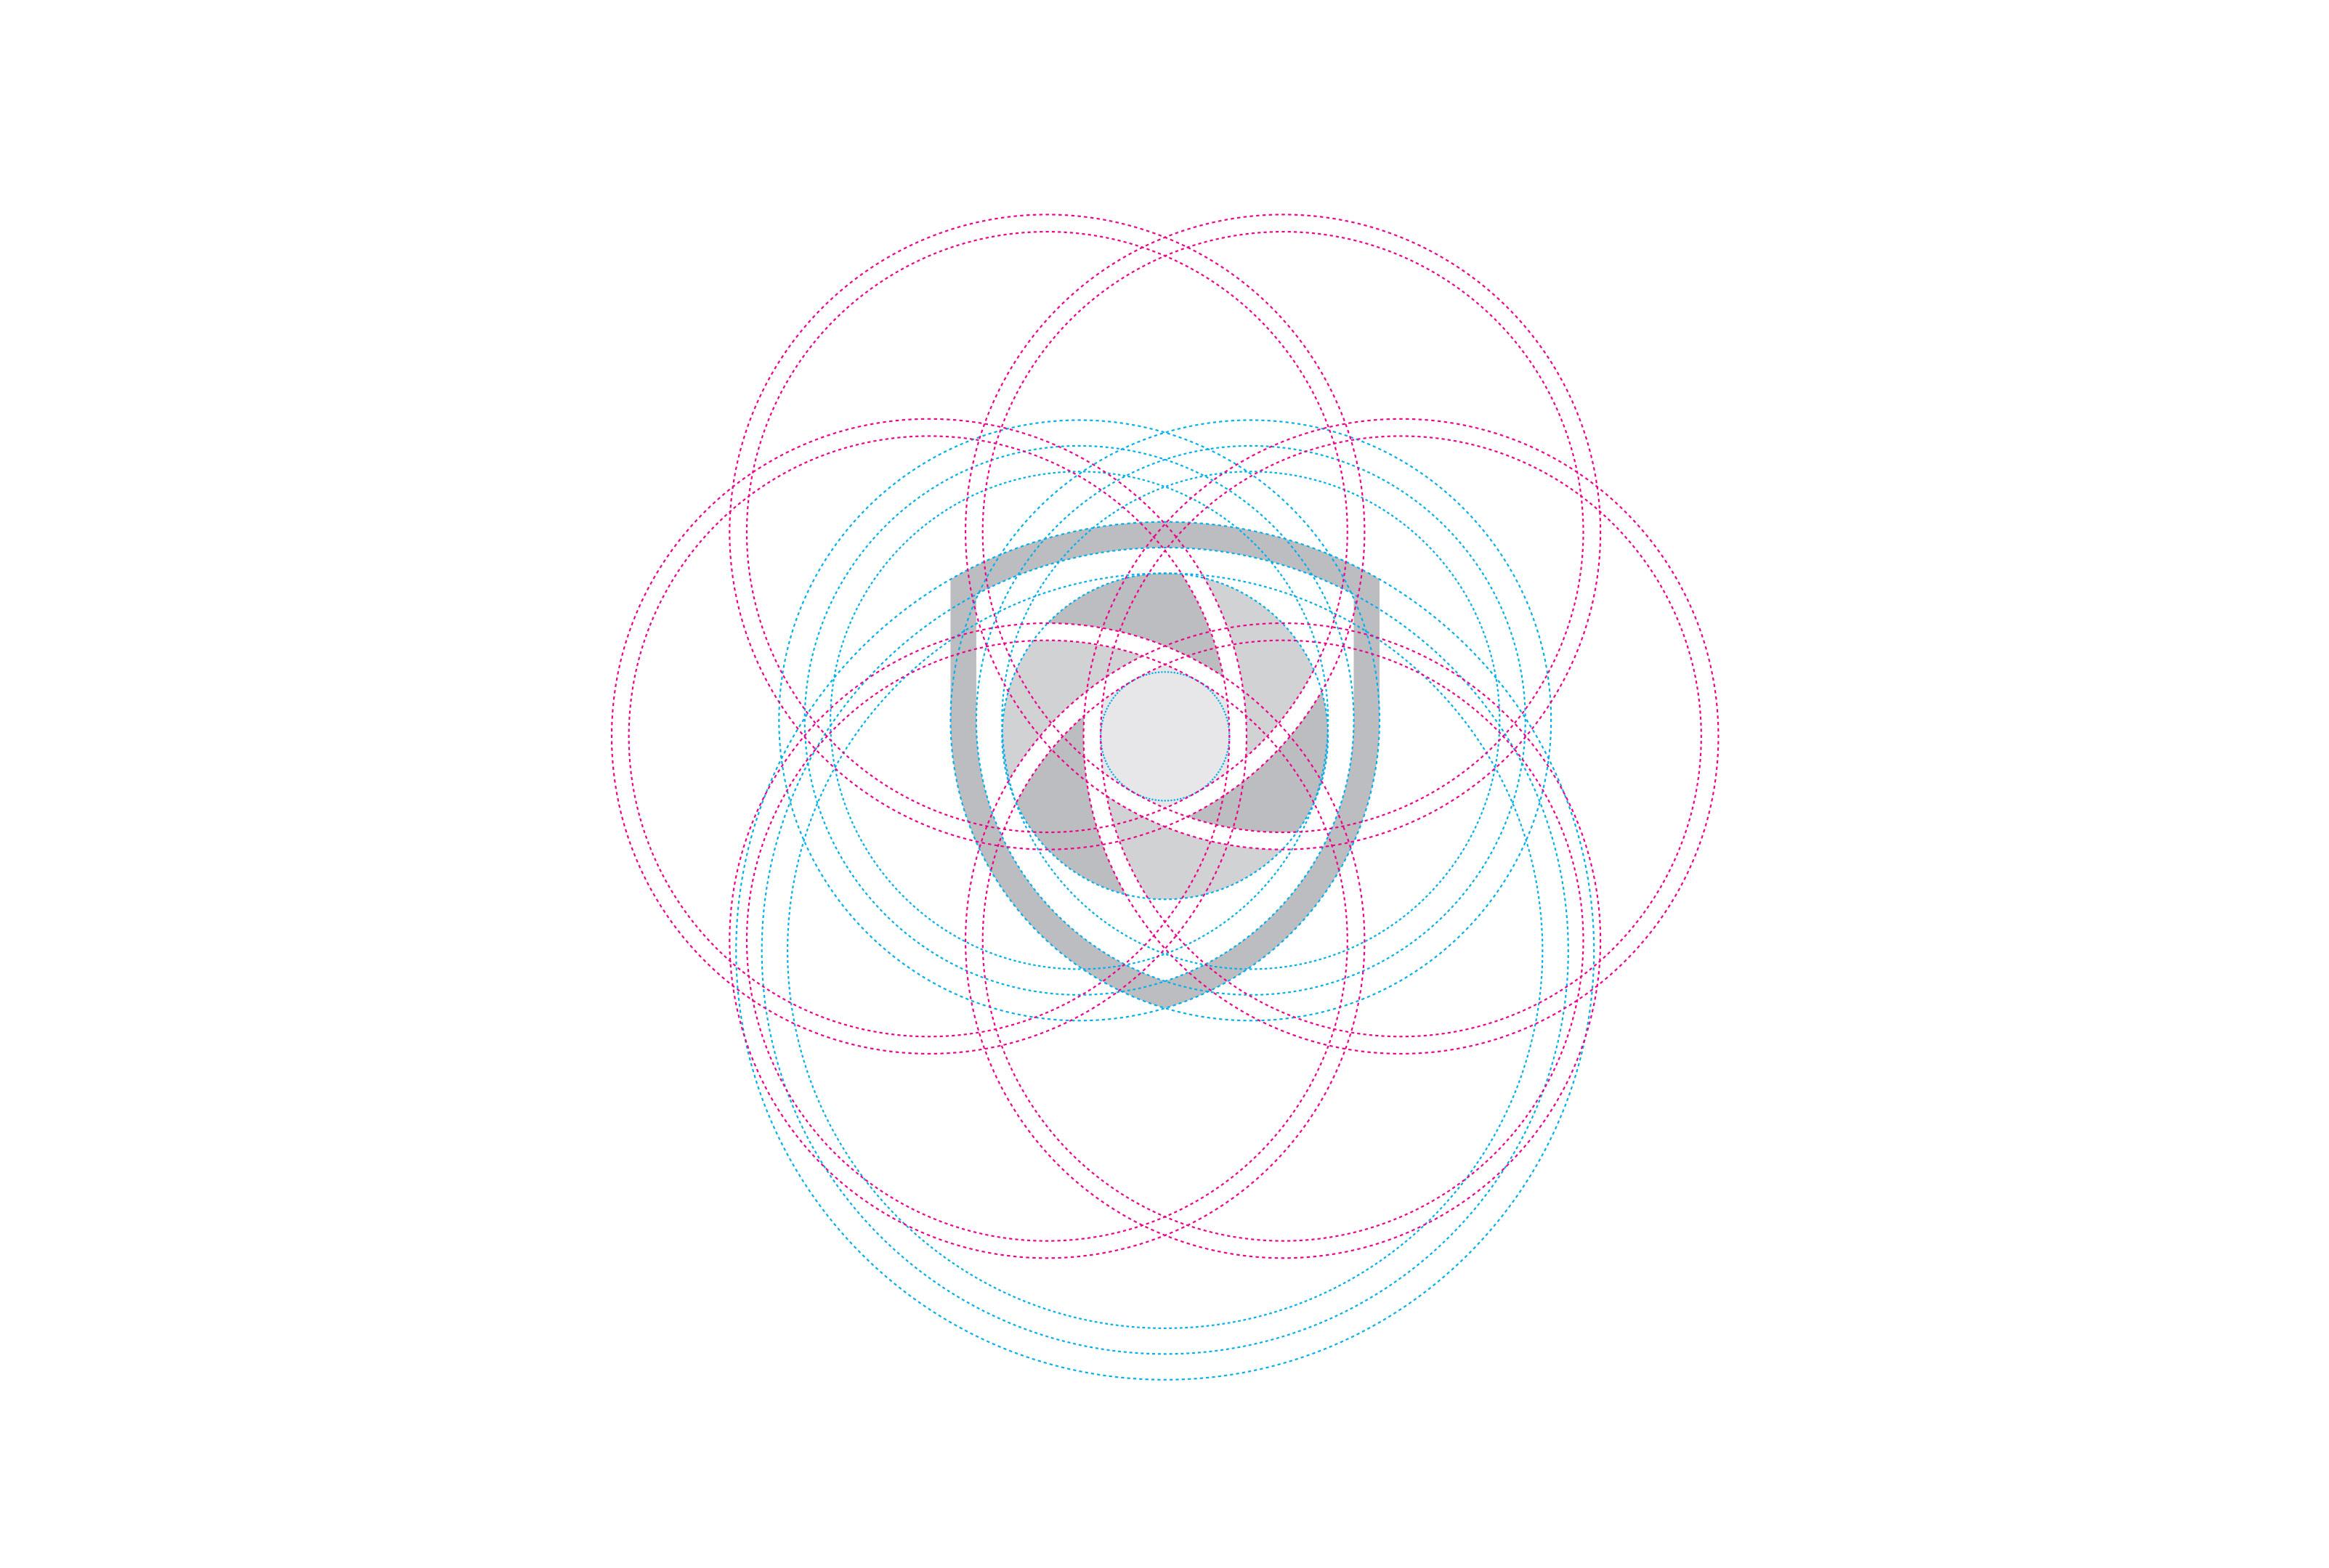 Asset Snaps - Construction Grid